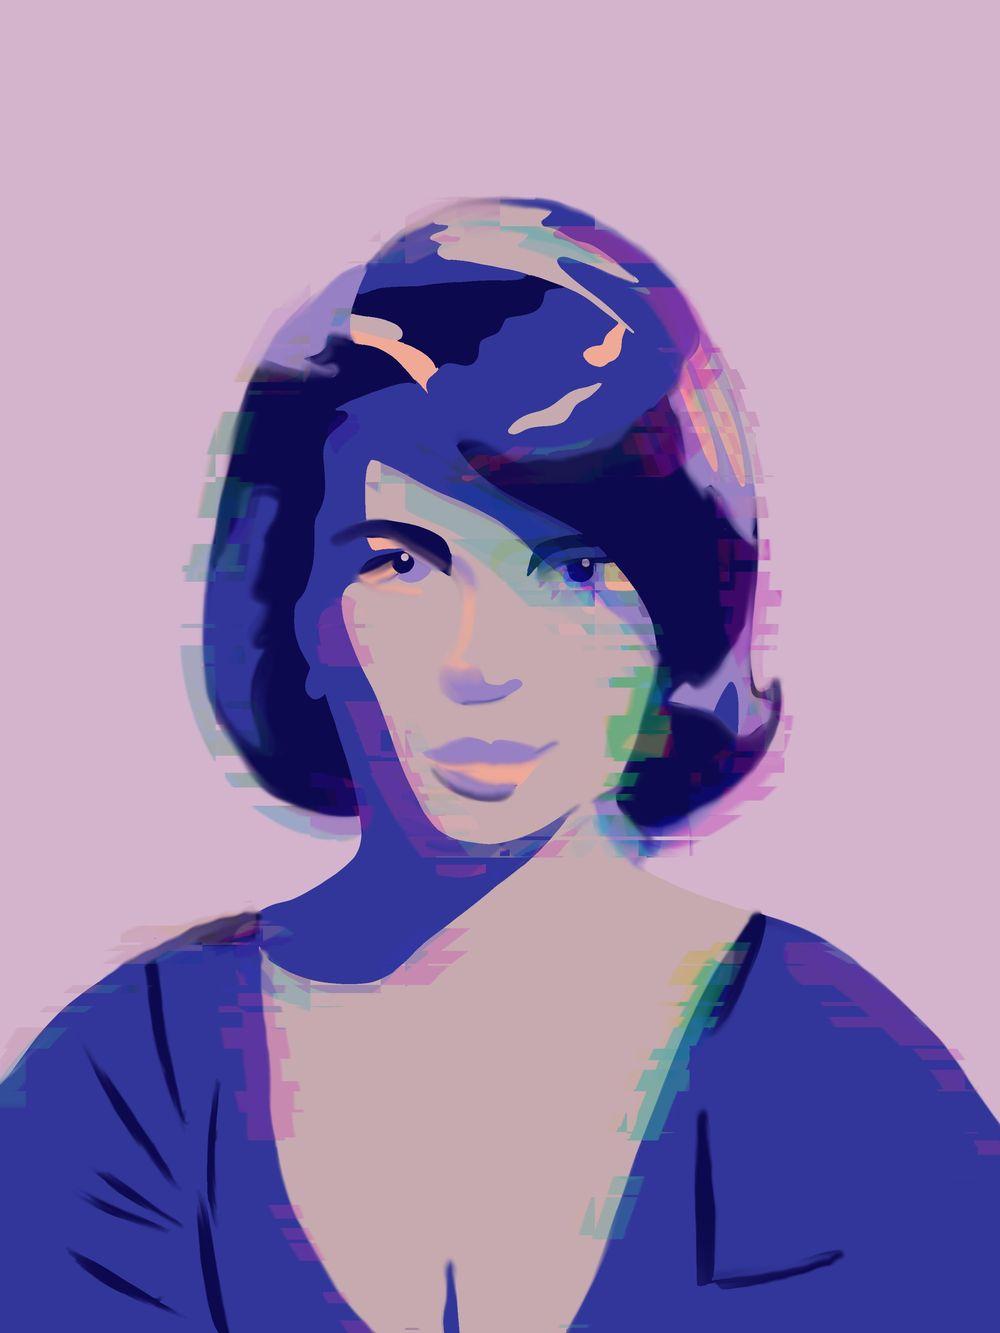 Vintage Portrait x2 - image 2 - student project